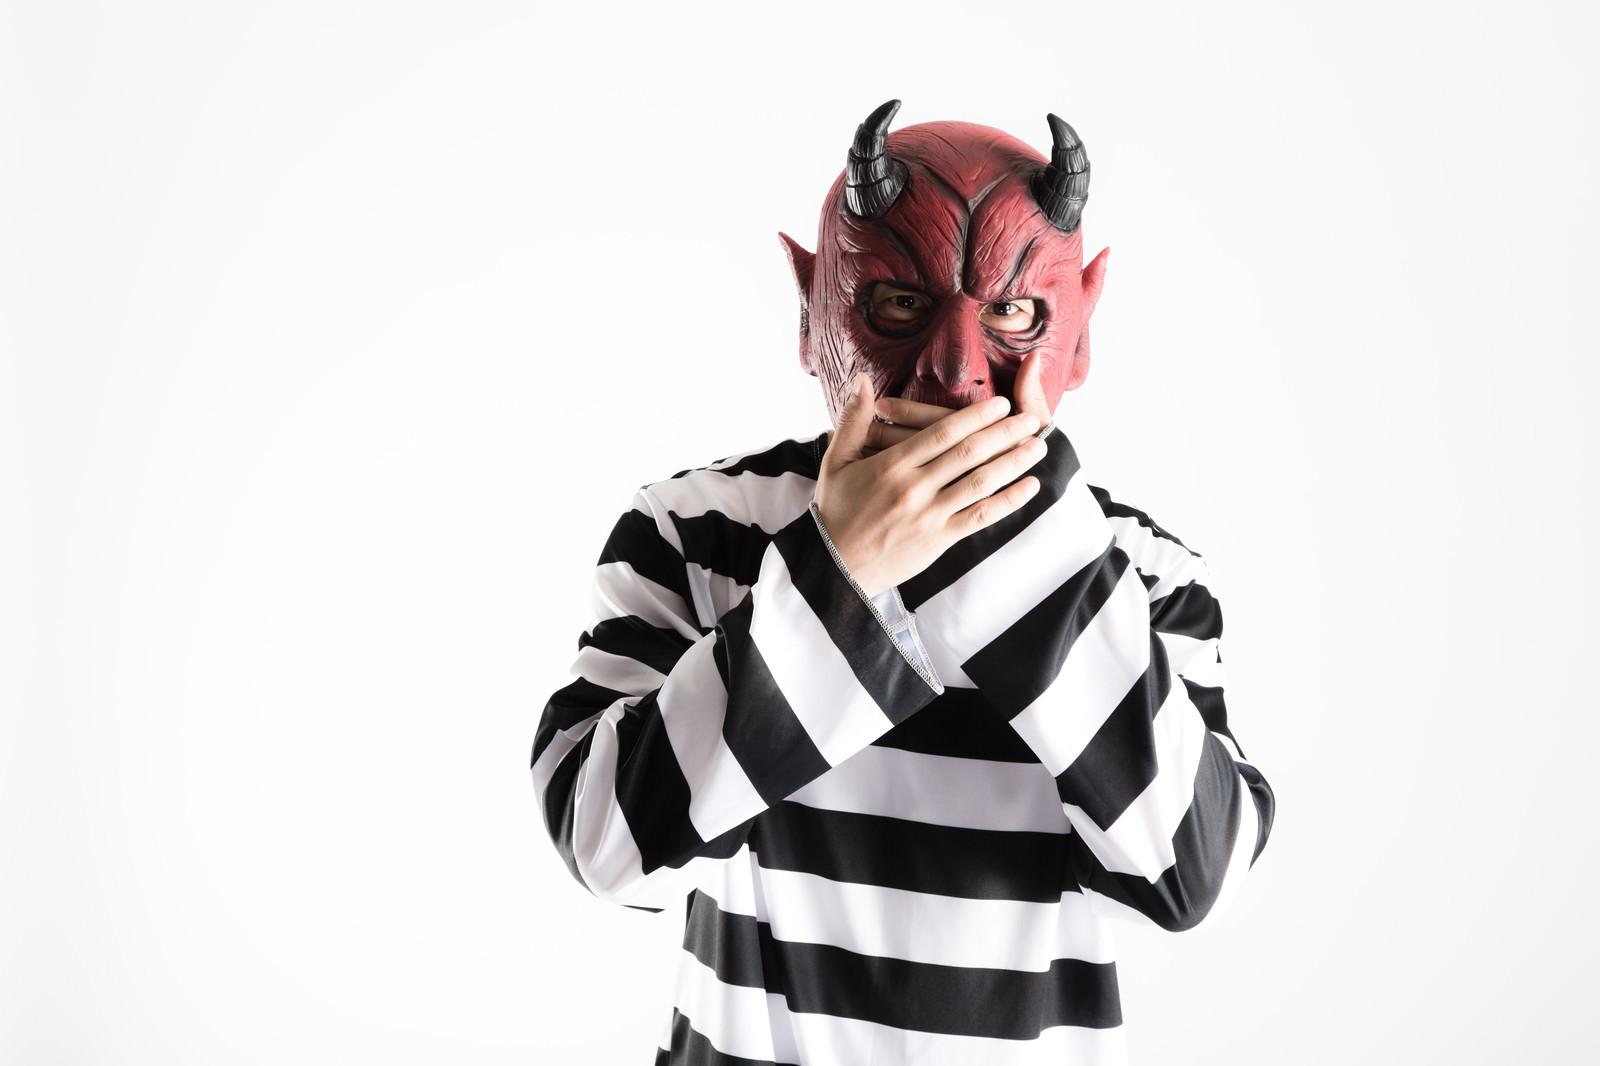 「「えっ・・・」解雇宣告に声を失うお化け屋敷の派遣社員」の写真[モデル:大川竜弥]